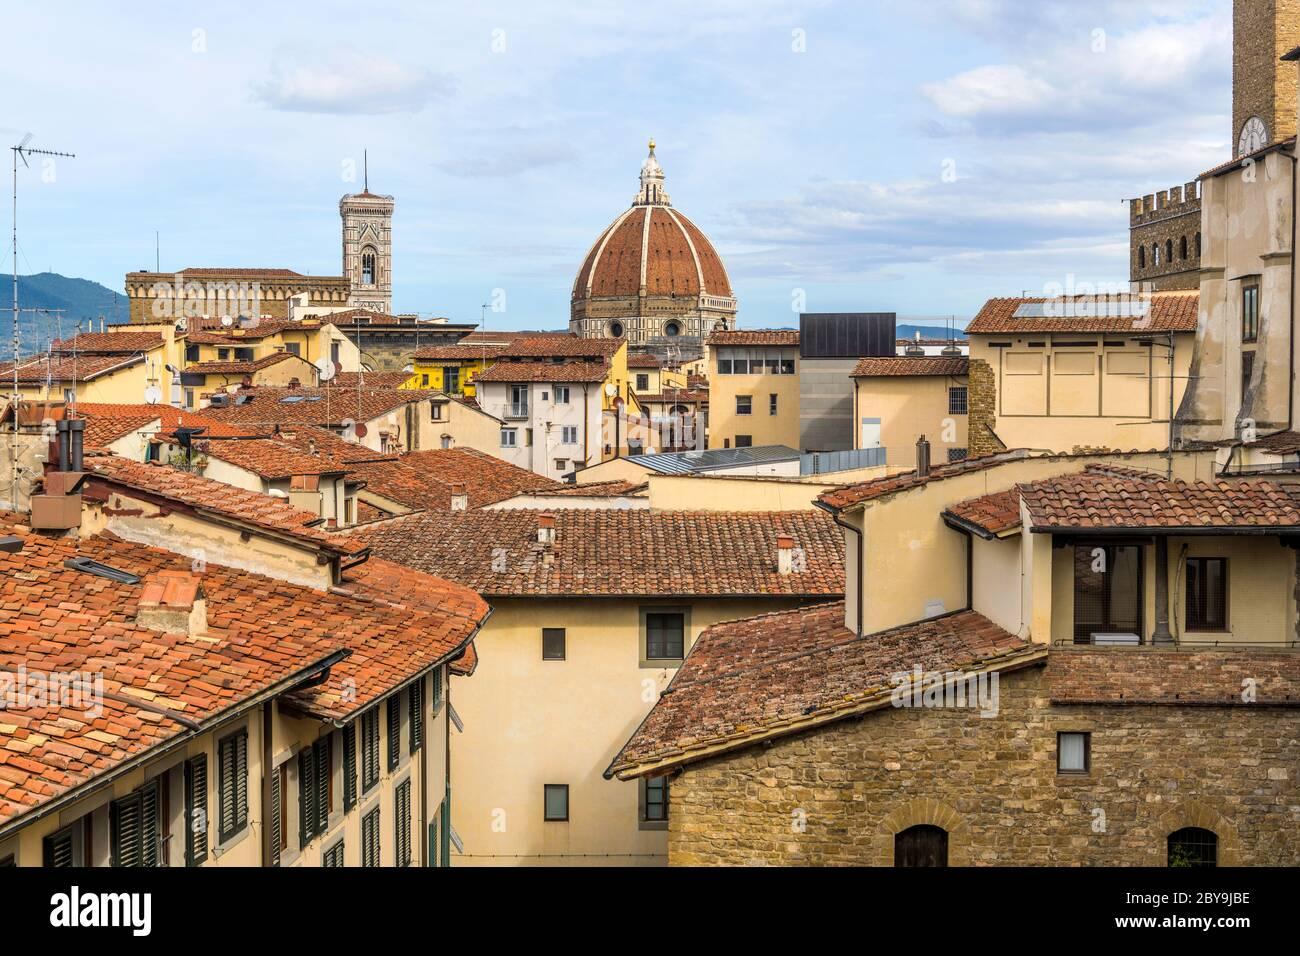 Città Vecchia - Vista sul tetto della Città Vecchia di Firenze, con il Campanile di Giotto e la cupola del Duomo di Firenze del Brunelleschi al centro. Firenze, Italia. Foto Stock